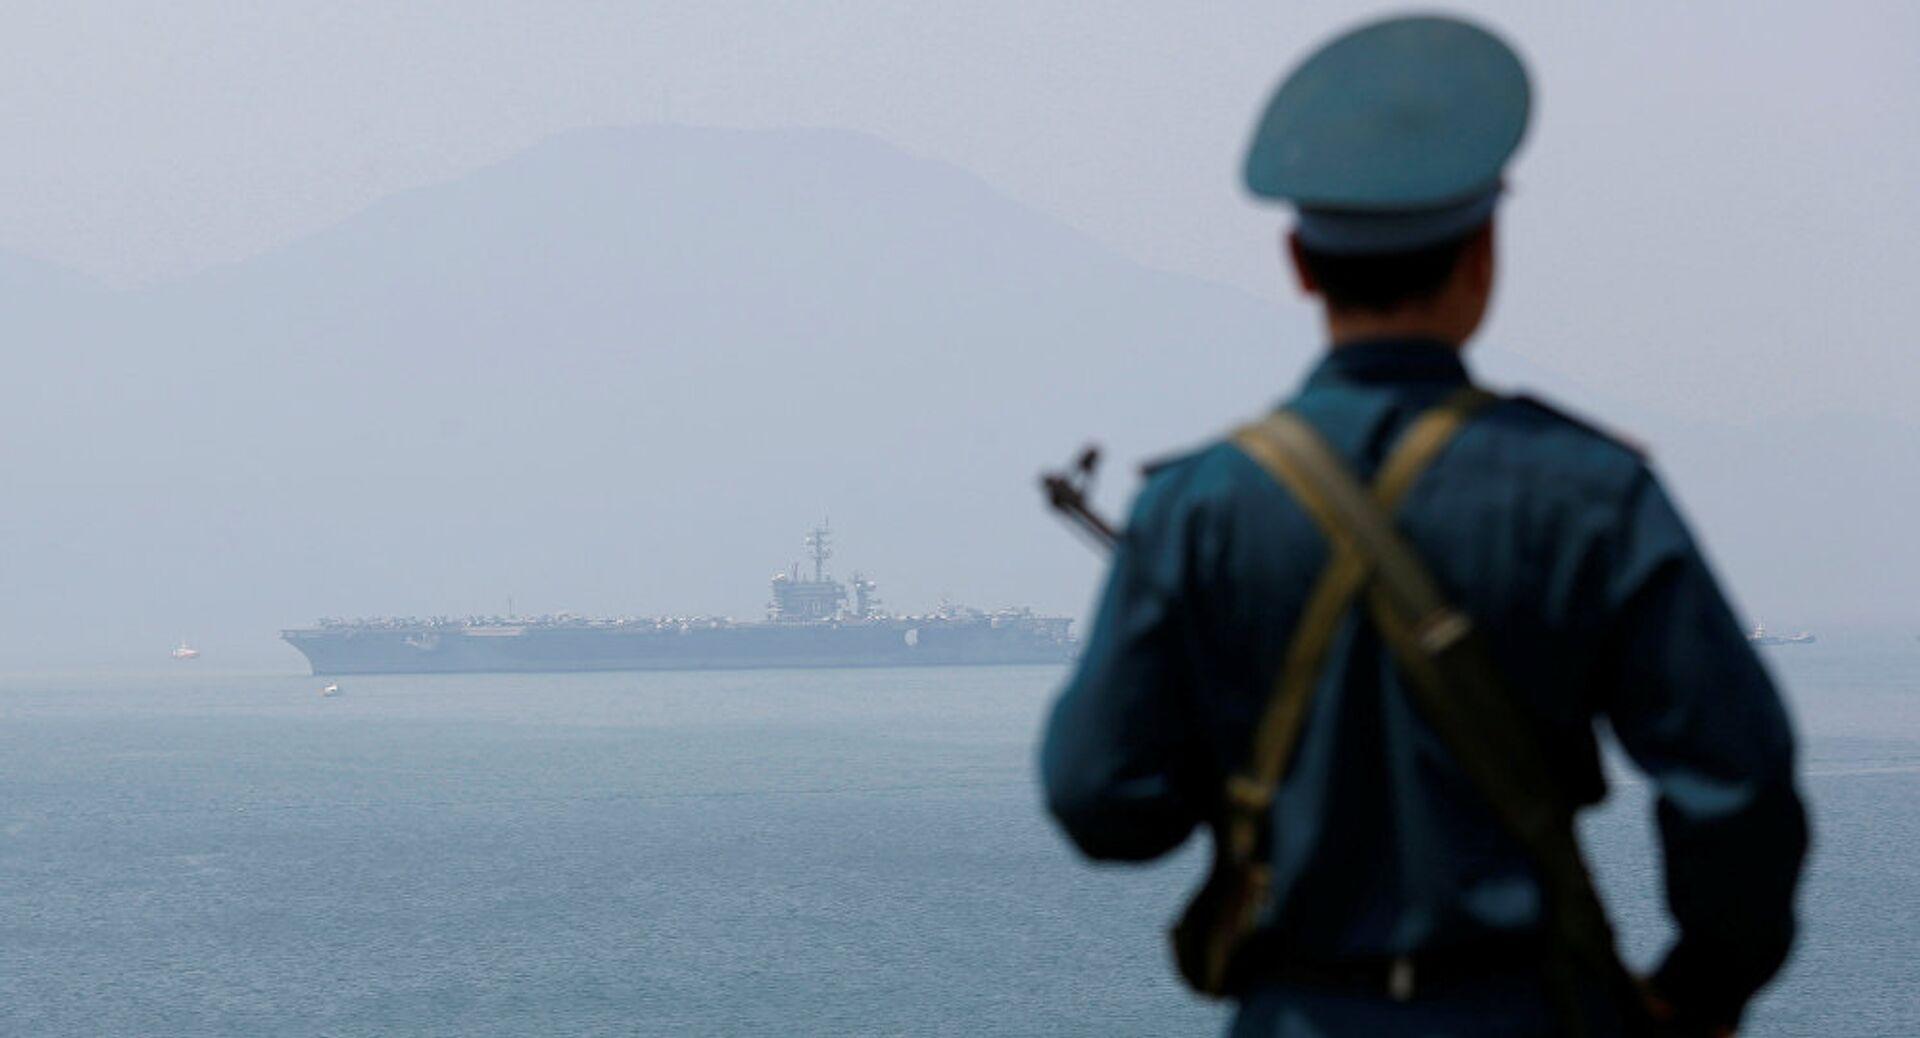 «Những người xanh»: Chiêu thức của Bắc Kinh dùng tàu cá mở rộng thế lực ở Biển Đông - Sputnik Việt Nam, 1920, 14.04.2021